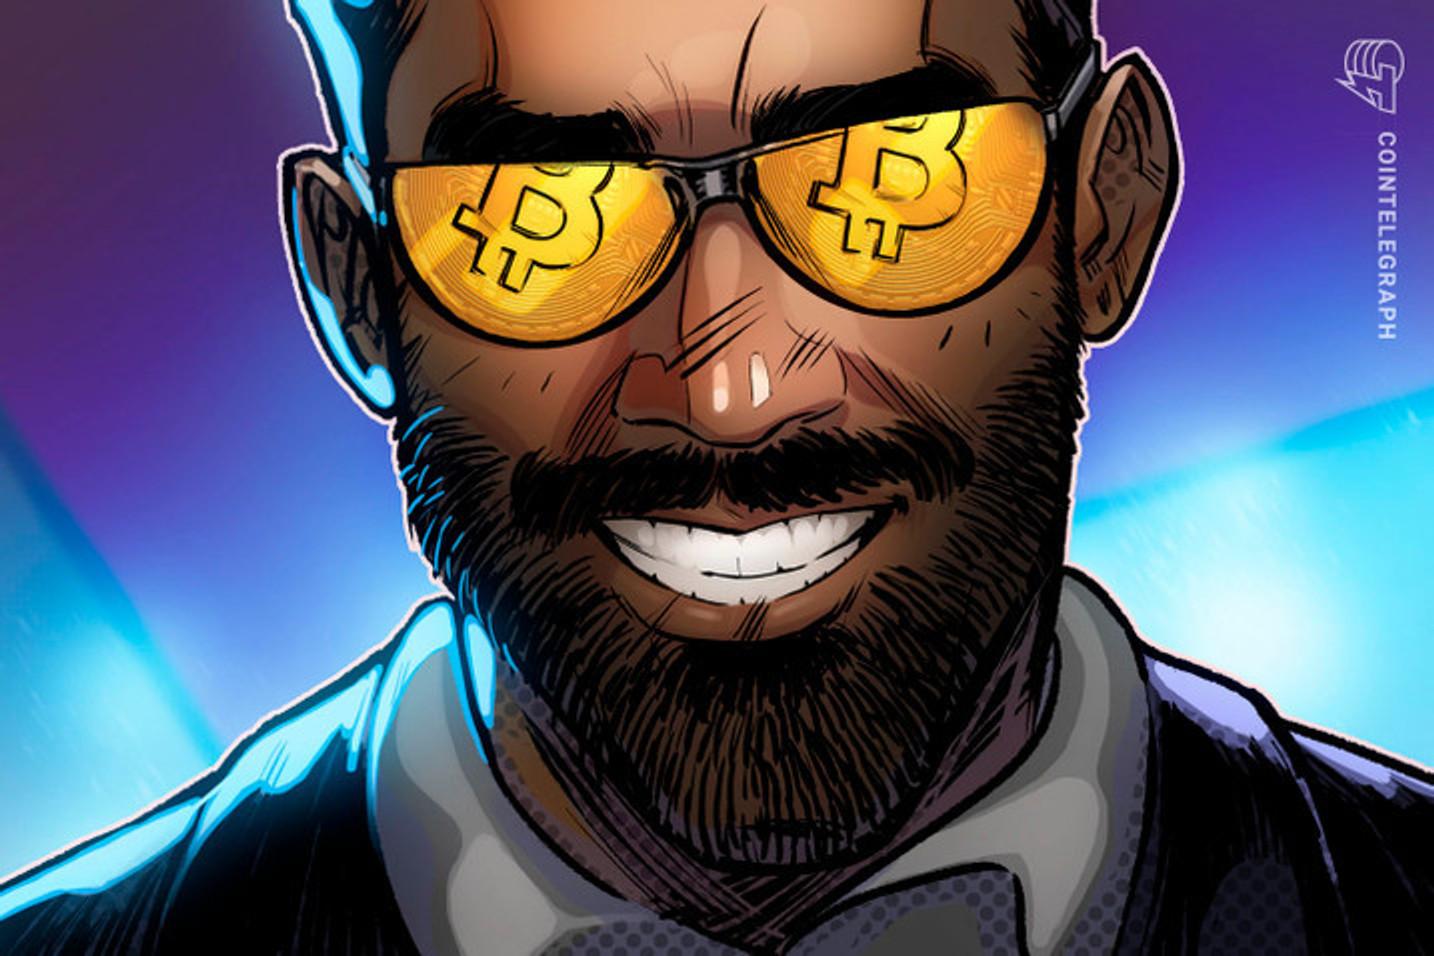 'Quem olha só o Bitcoin perde a chance da valorização das altcoins' diz trader indicando 5 criptomoedas para ficar de olho